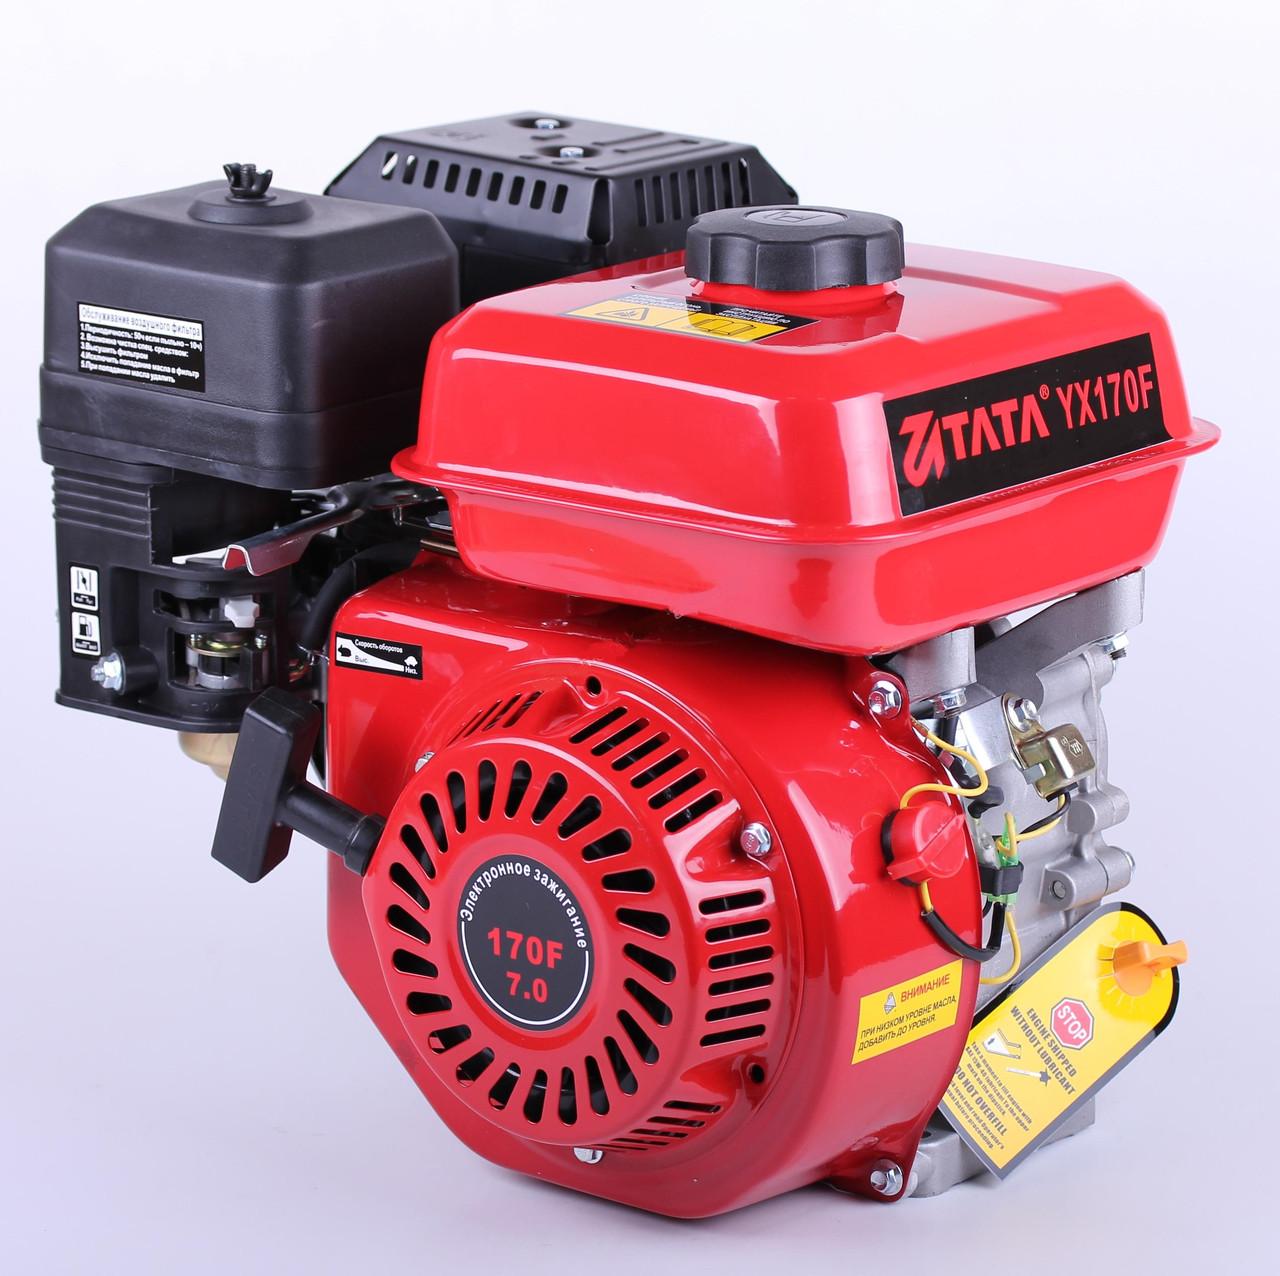 Двигатель бензиновый TATA 170F (с понижающим редуктором 1/2, 7 л.с.)